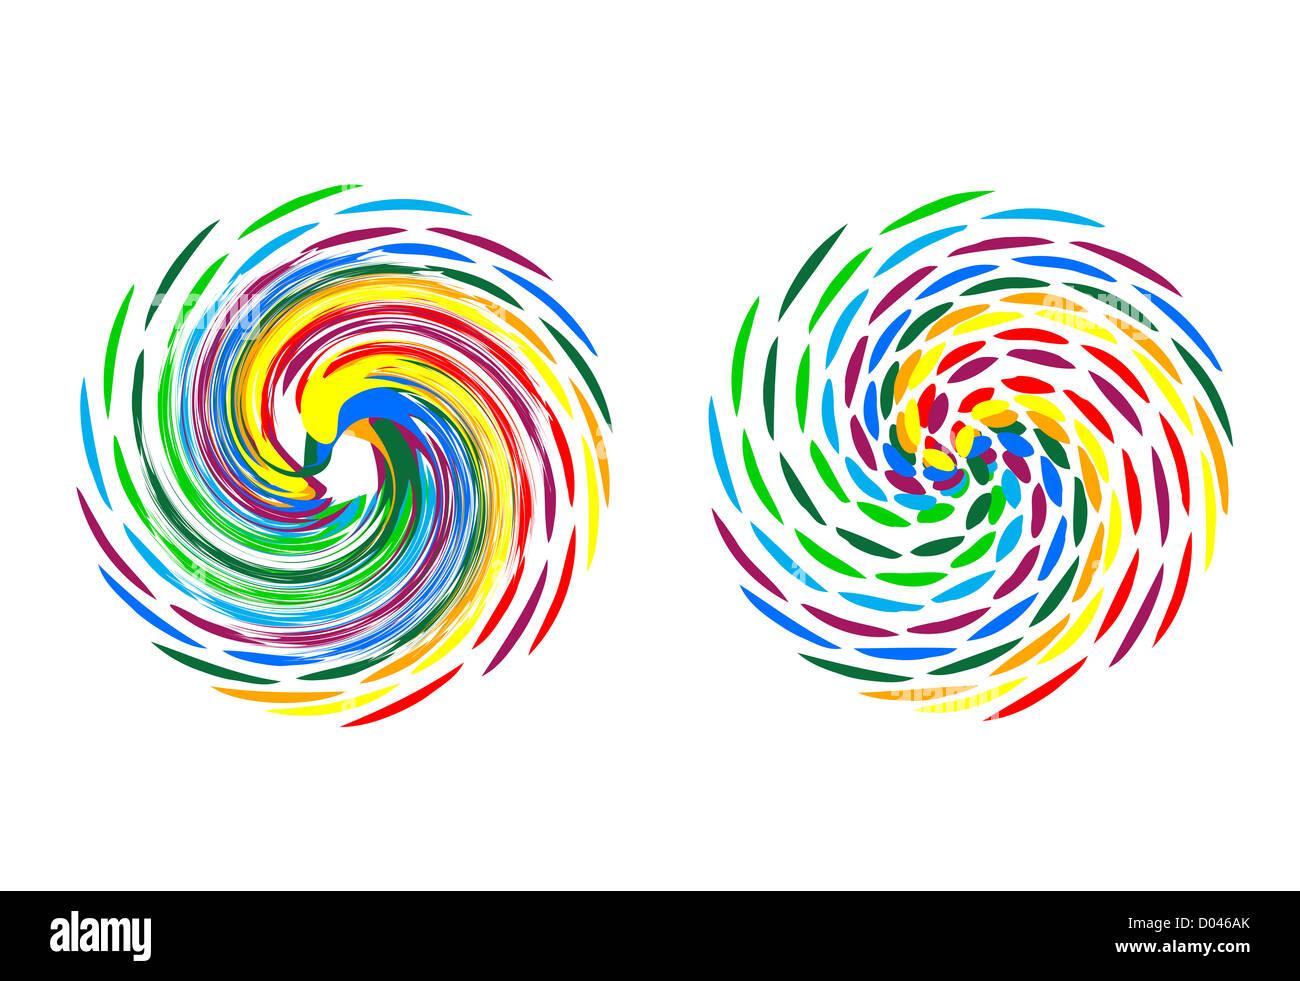 illustration of colorful logo on white background - Stock Image